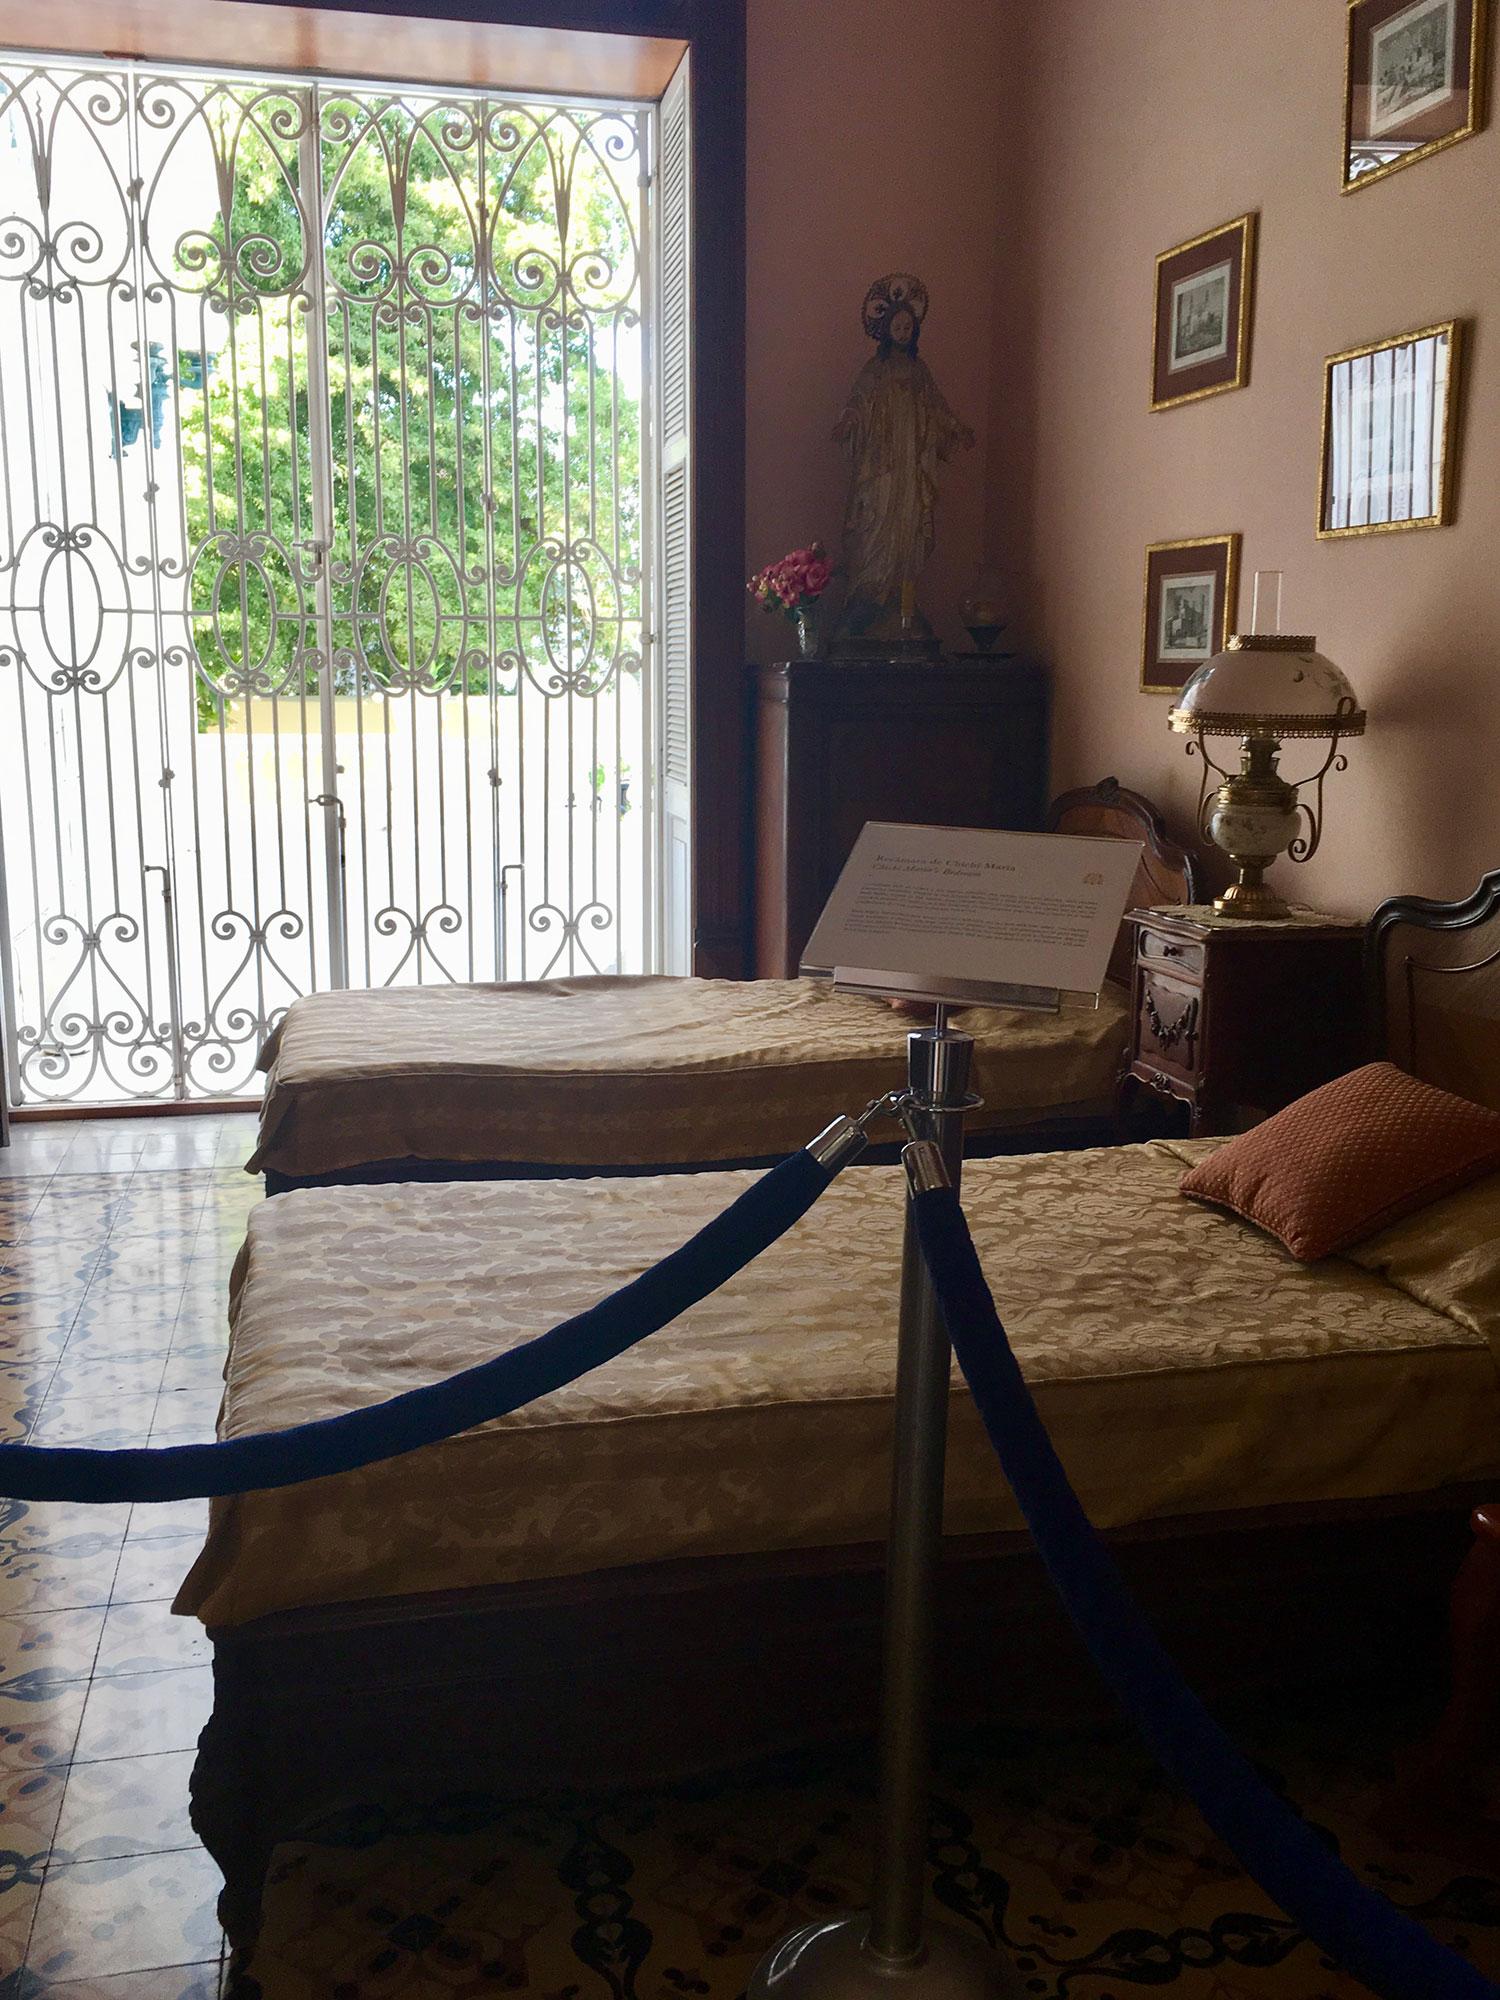 Hammocks_and_Ruins_Mayan_Mythology_What_to_Do_Mexico_Maya_hacienda_merida_quinta_montes_molina19.jpg